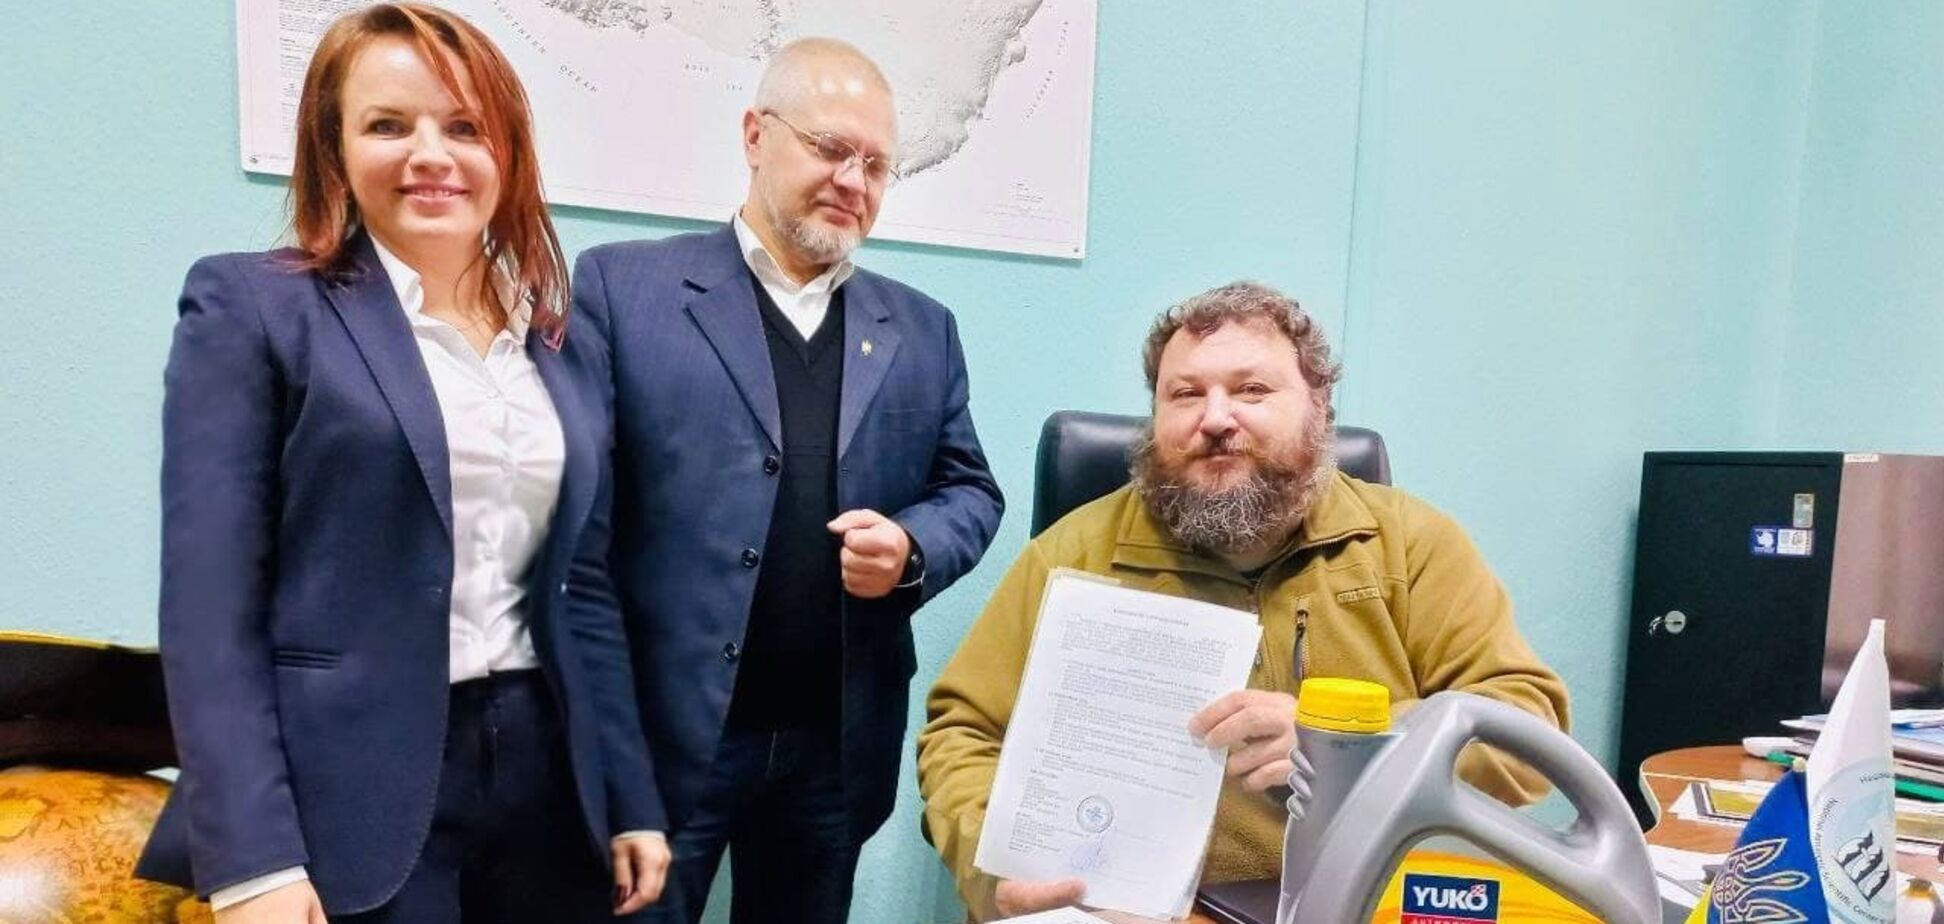 Моторна олива YUKO забезпечуватиме життєдіяльність станції 'Академік Вернадський'